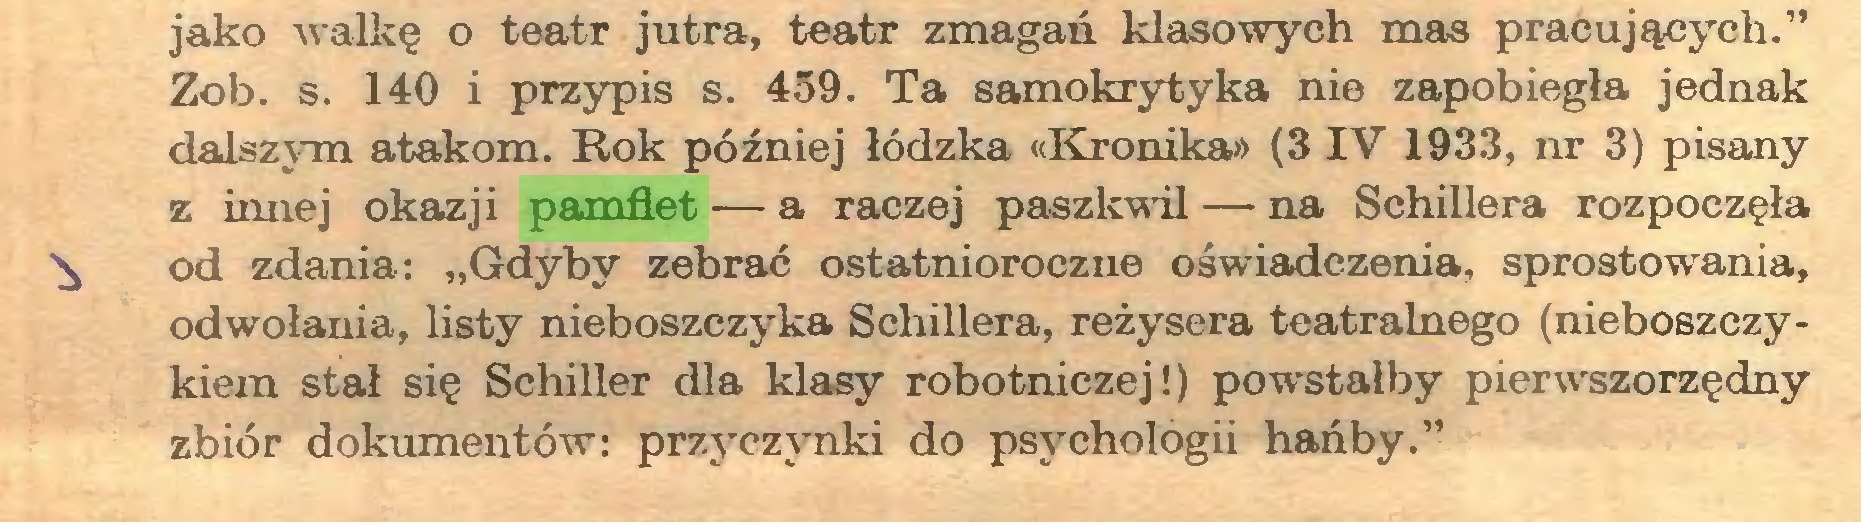 """(...) jako walkę o teatr jutra, teatr zmagań klasowych mas pracujących."""" Zob. s. 140 i przypis s. 459. Ta samokrytyka nie zapobiegła jednak dalszym atakom. Rok później łódzka «Kronika» (3 IV 1933, nr 3) pisany z innej okazji pamfłet — a raczej paszkwil — na Schillera rozpoczęła ^ od zdania: """"Gdyby zebrać ostatnioroczne oświadczenia, sprostowania, odwołania, listy nieboszczyka Schillera, reżysera teatralnego (nieboszczykiem stał się Schiller dla klasy robotniczej!) powstałby pierwszorzędny zbiór dokumentów: przyczynki do psychologii hańby.""""..."""